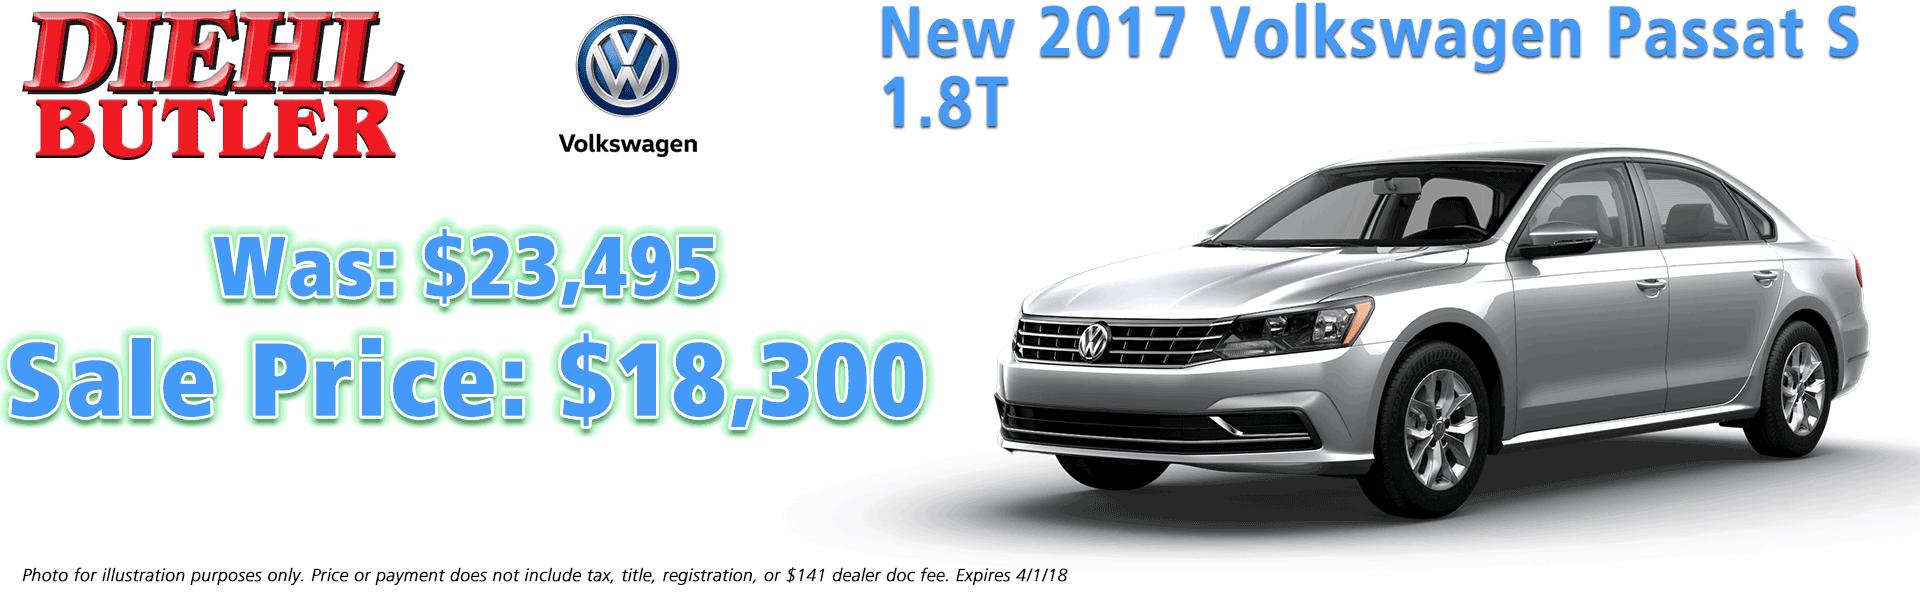 2017 volkswagen passat s 1.8t diehl volkswagen serving butler, mars, cranberry, pittsburgh